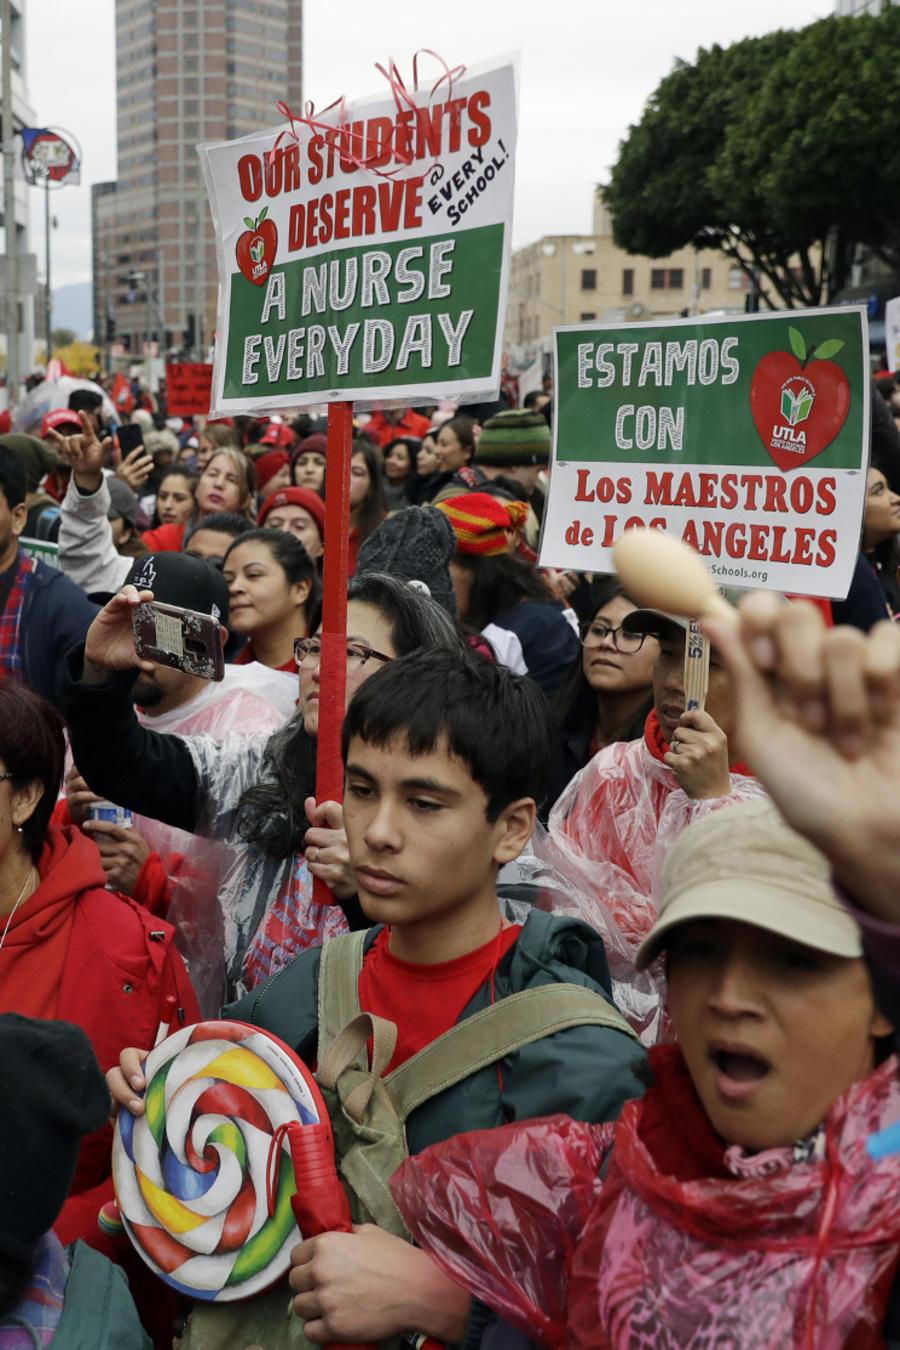 Huelga de maestros Los Ángeles